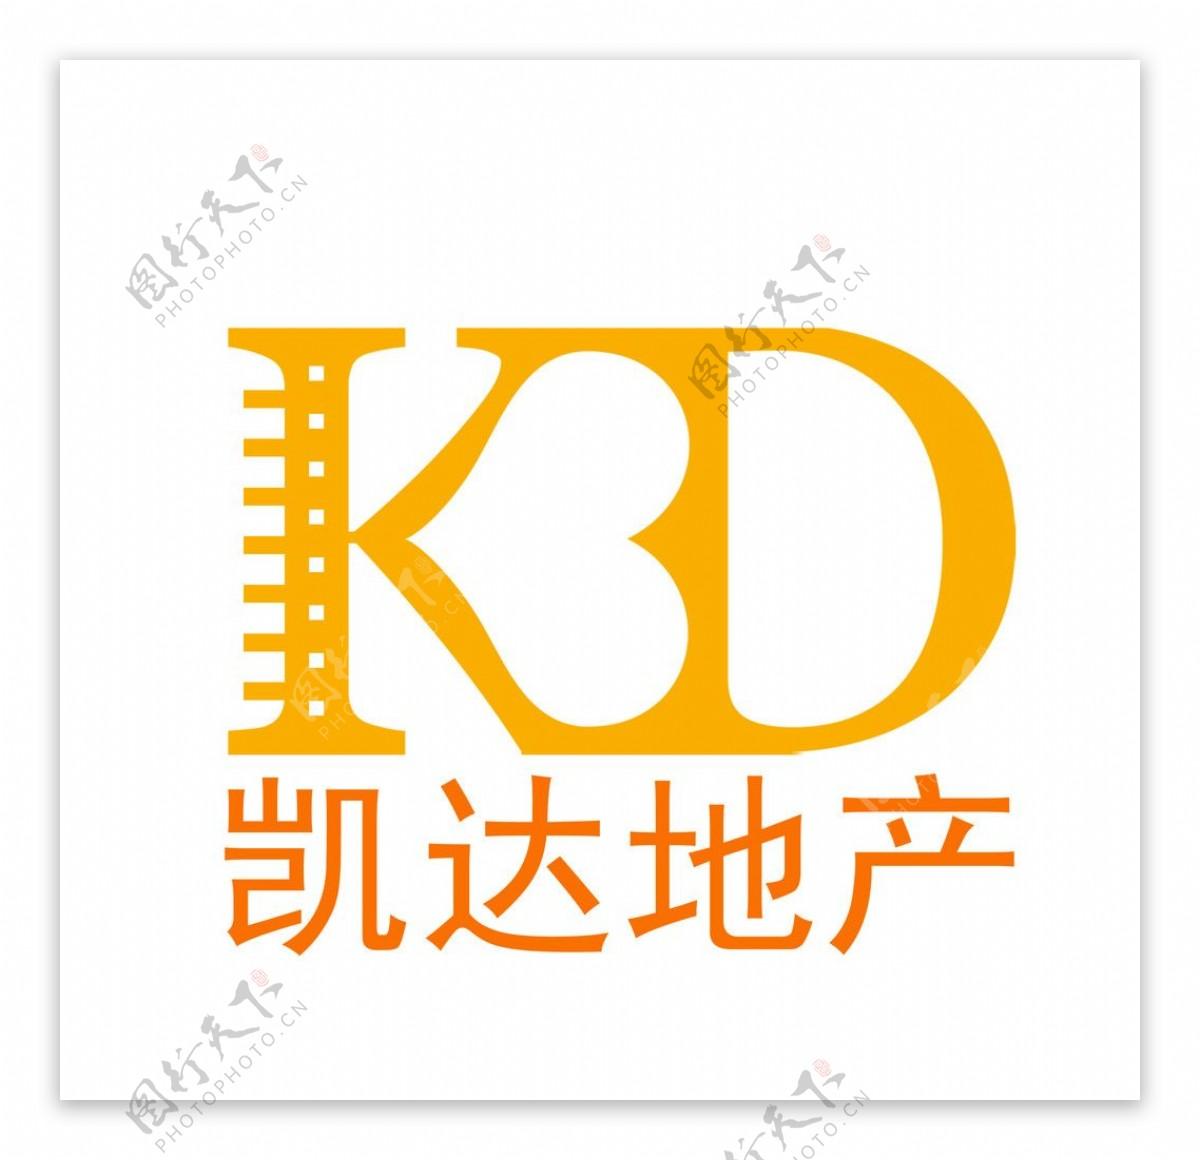 凯达地产标志图片